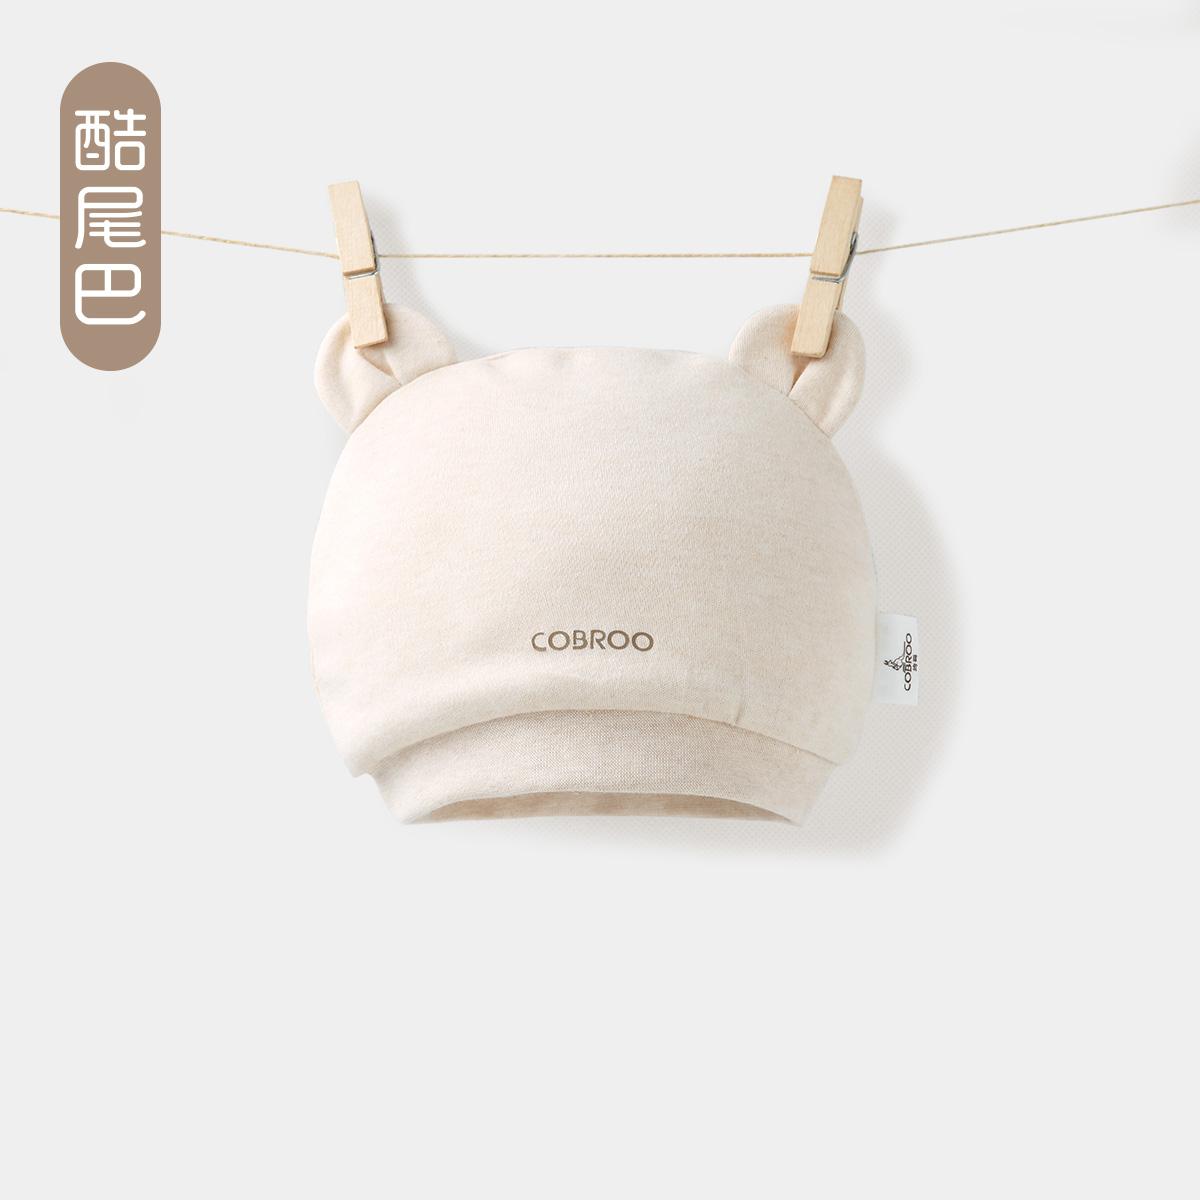 Ребенок шляпа 0-3 месяцы хлопок новая весна и лето рожденные дети шляпа тонкий рано рожденные дети шляпа ребенок младенец младенец шина крышка